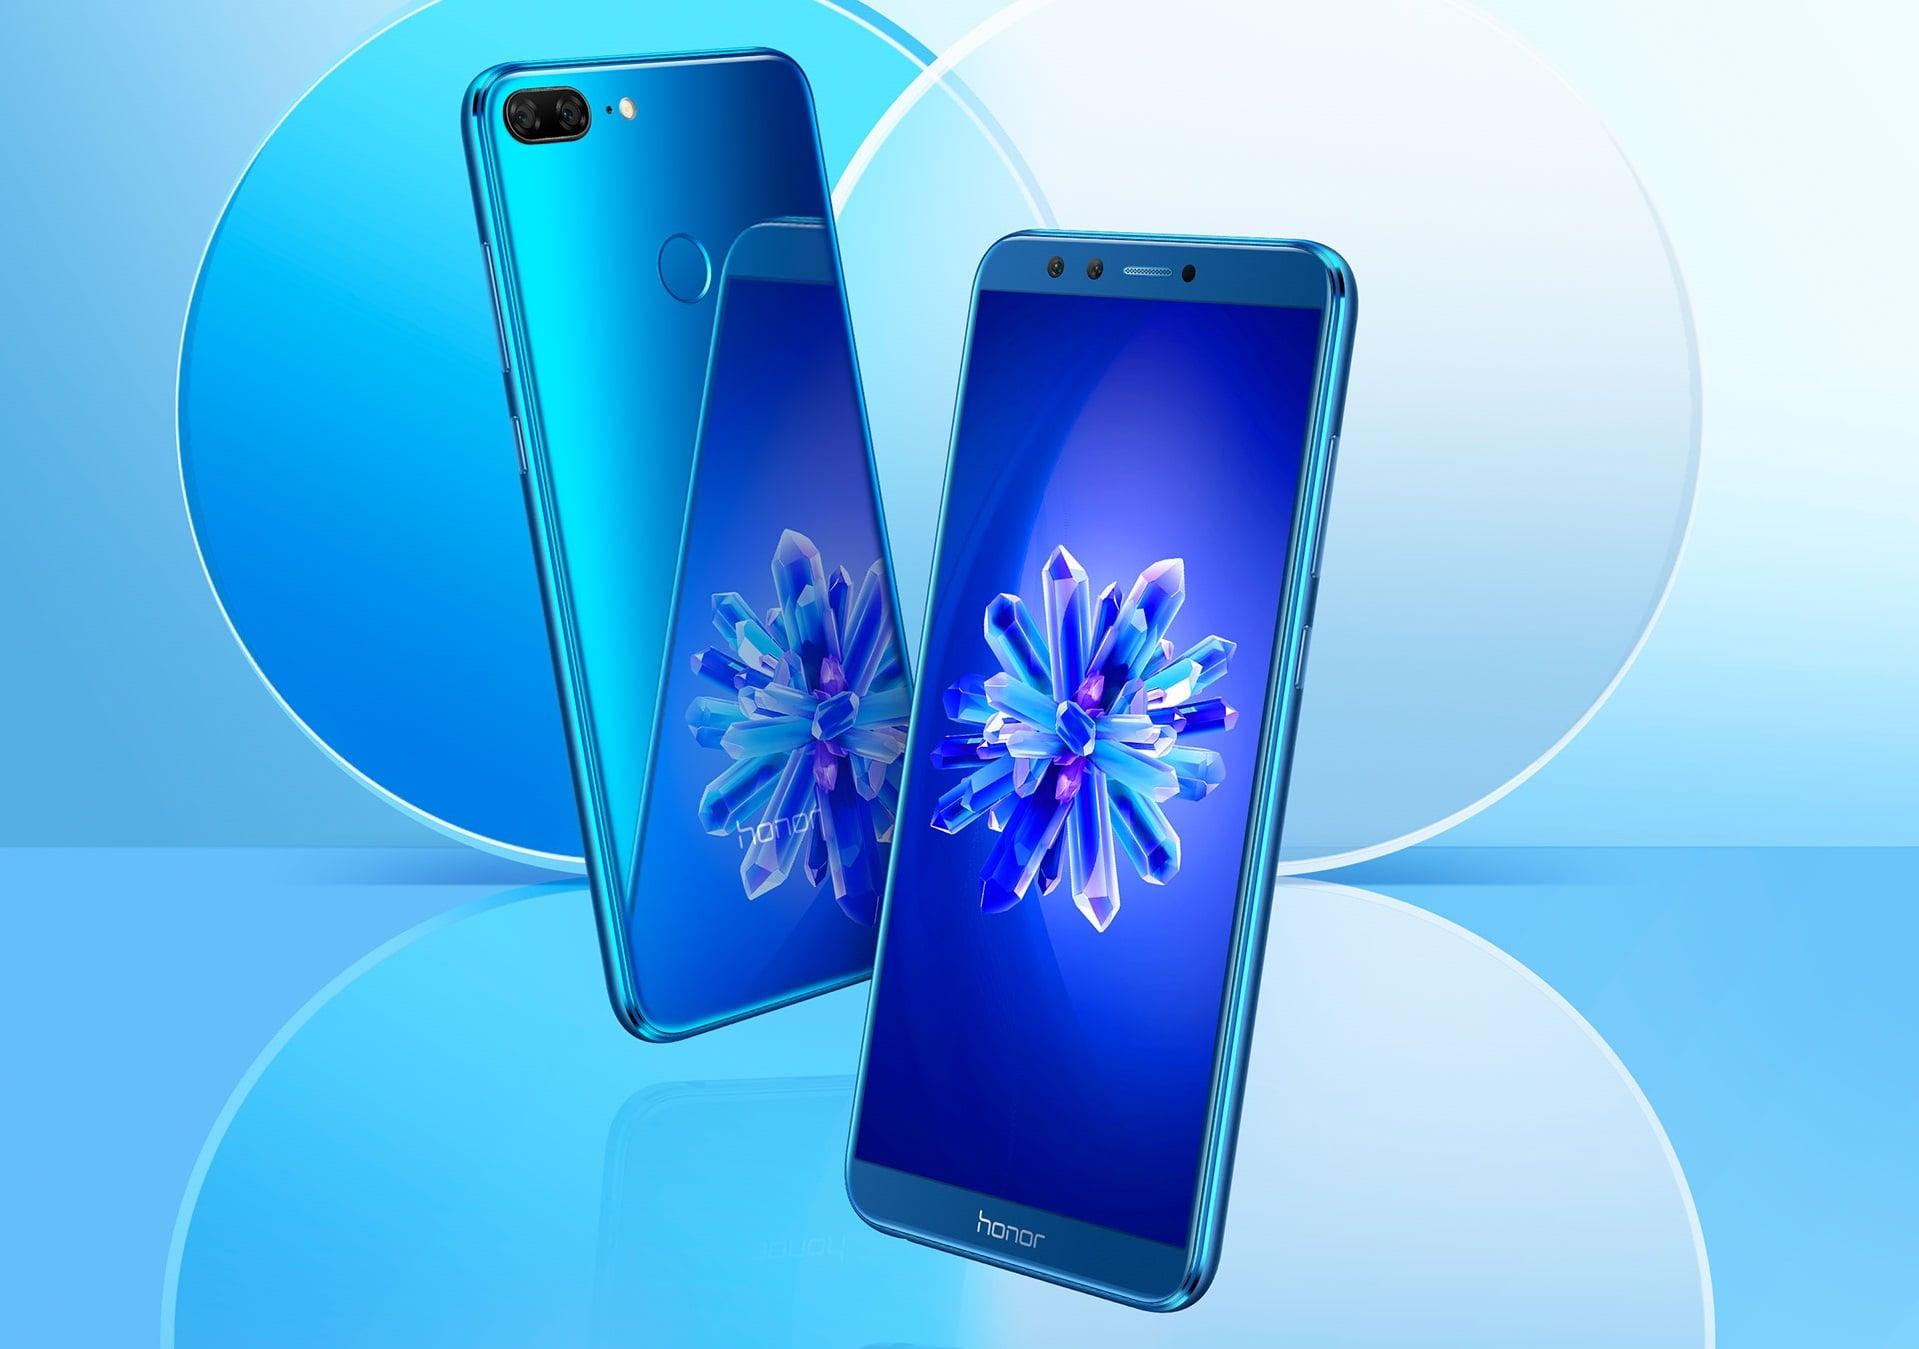 Jaki smartfon do 800 złotych kupić? (styczeń 2019)